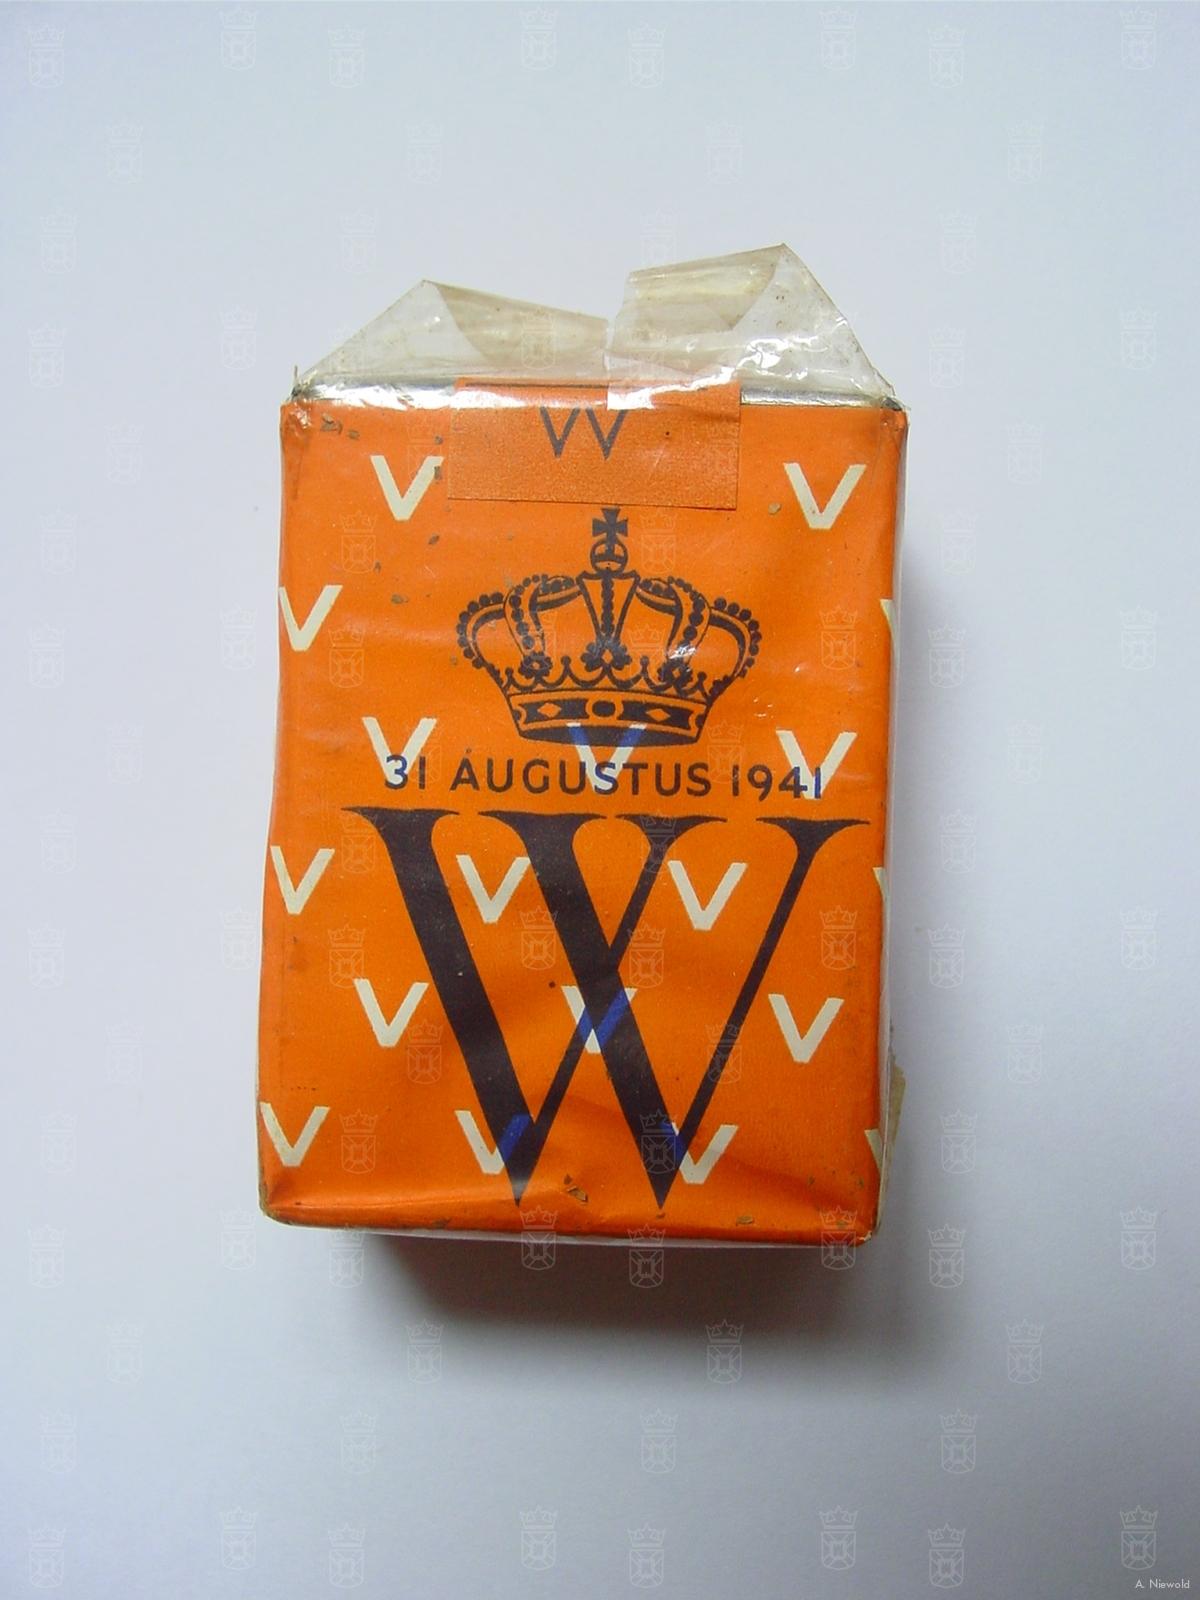 Oranje sigaretten zoals uitgeworpen boven Nederland in de nacht van 30 op 31 augustus 1941.